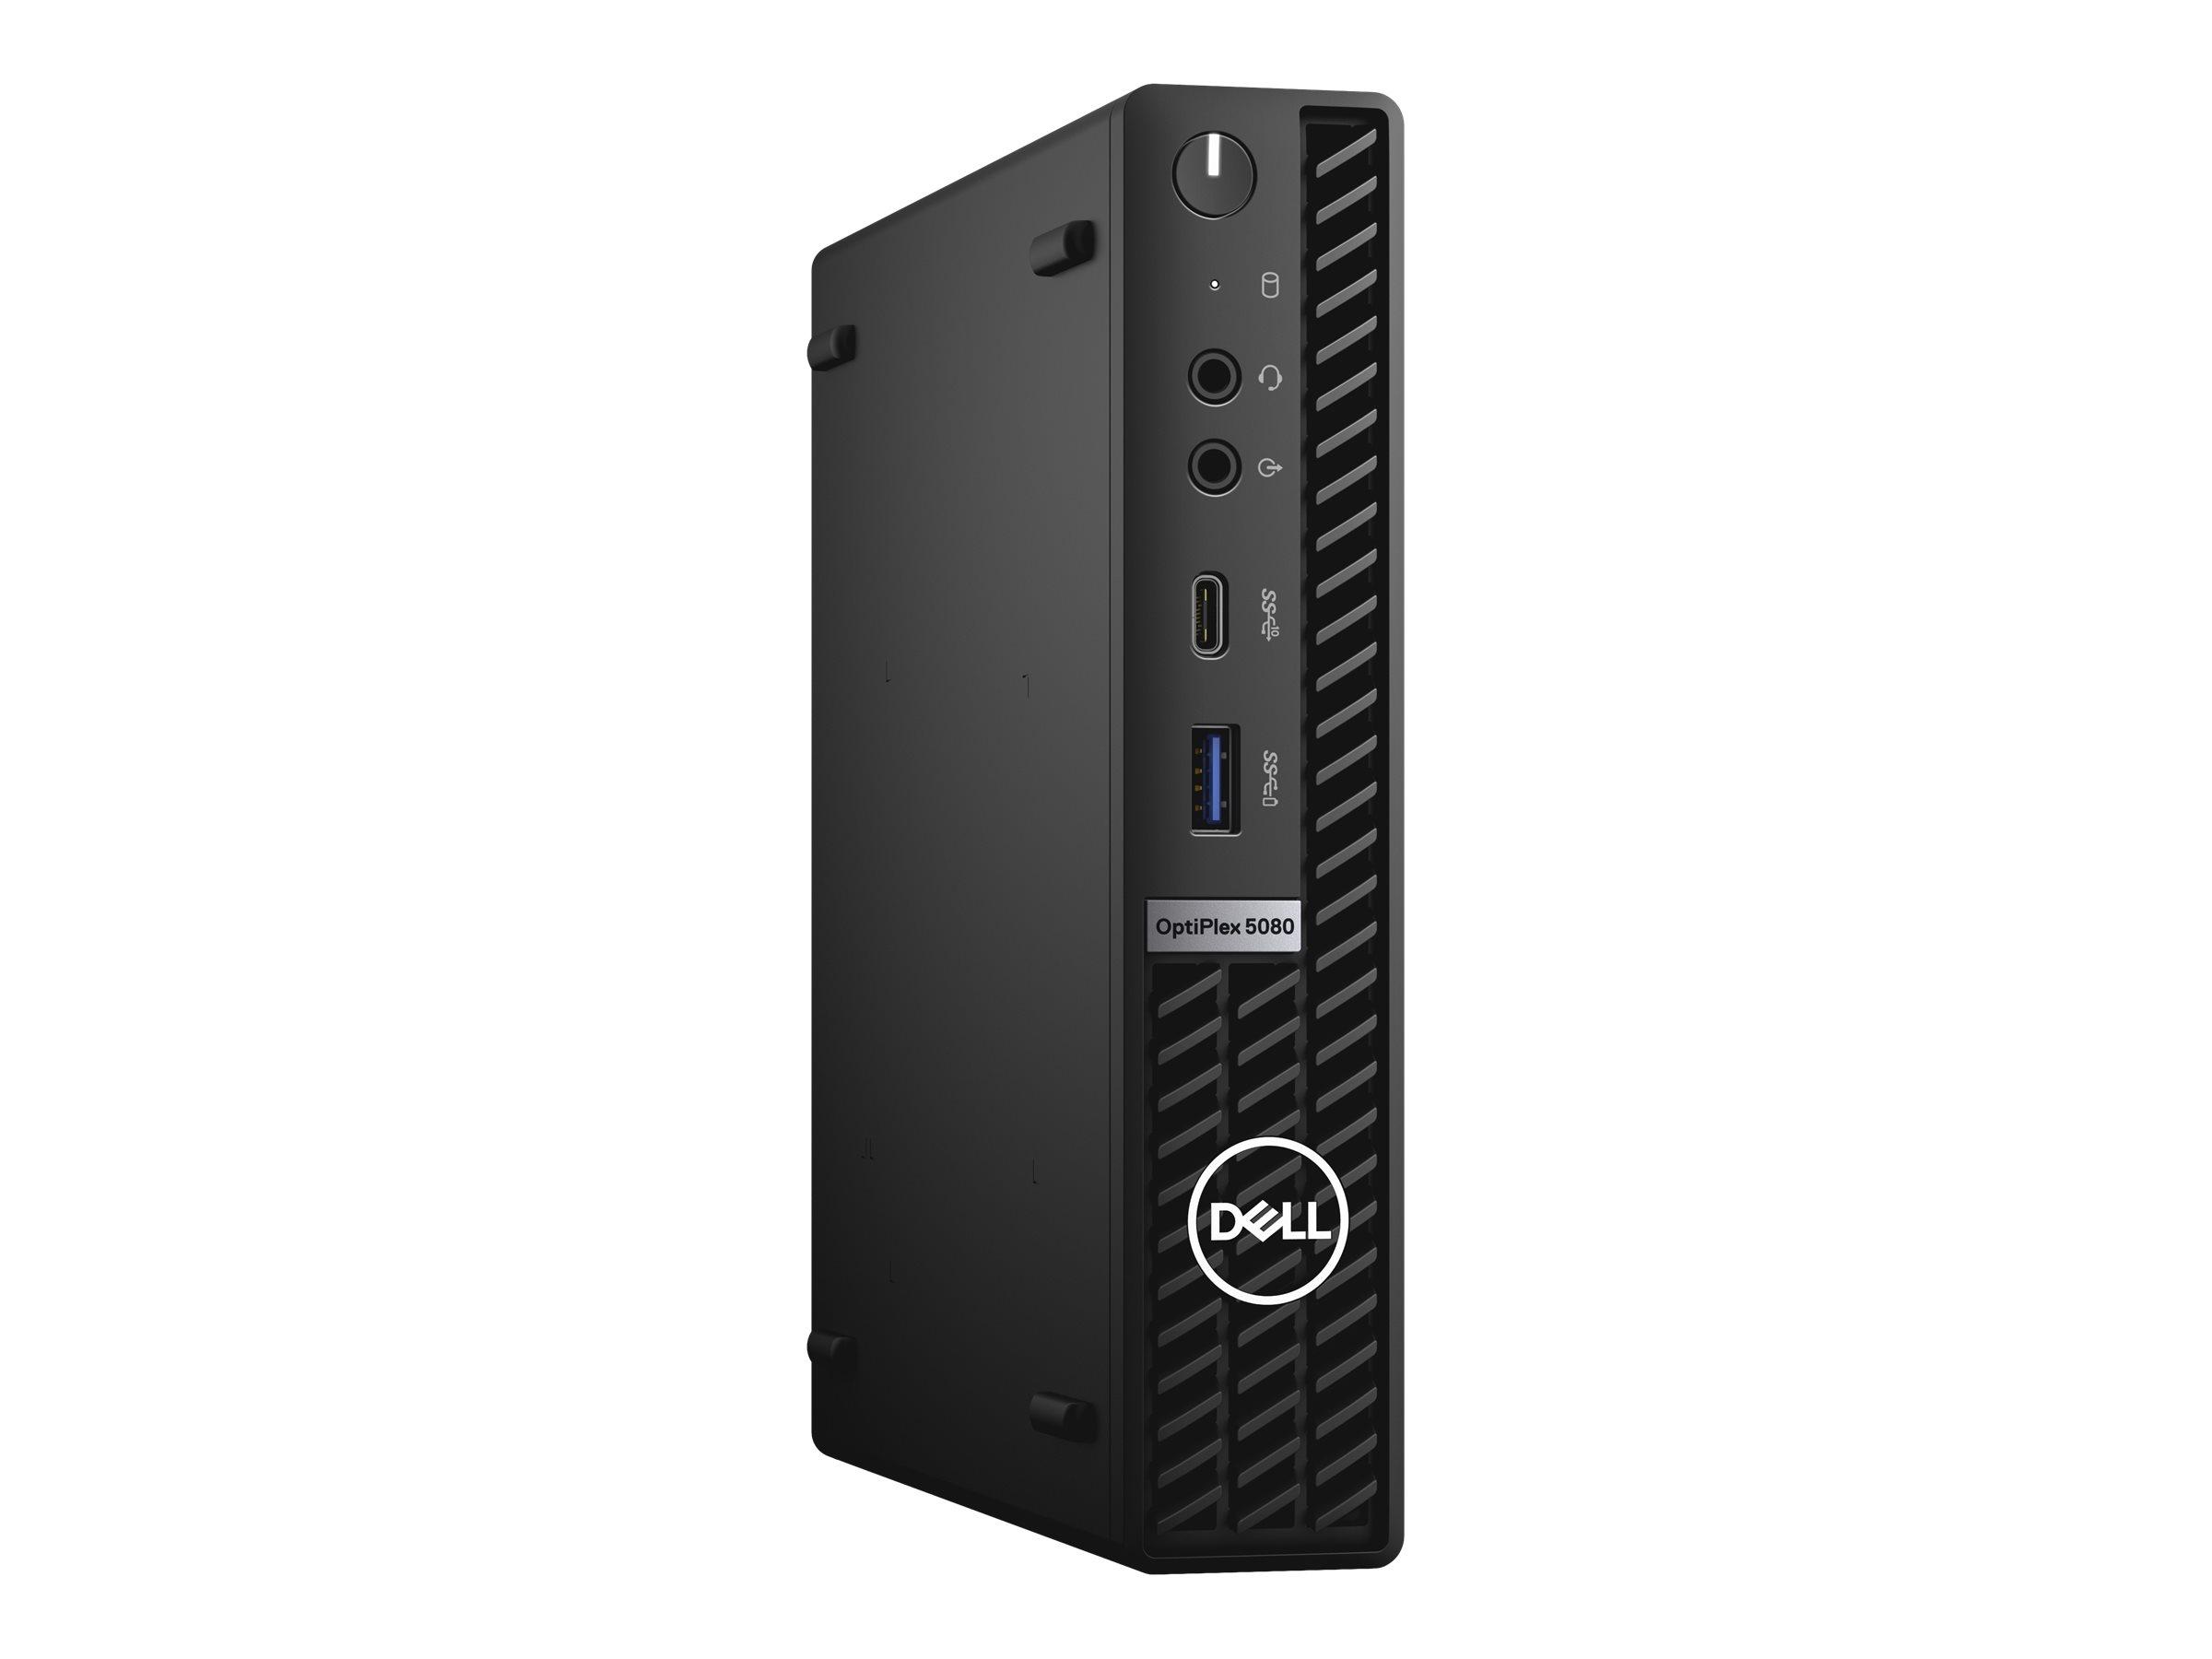 Dell OptiPlex 5080 - micro - Core i5 10500T 2.3 GHz - 8 GB - SSD 256 GB